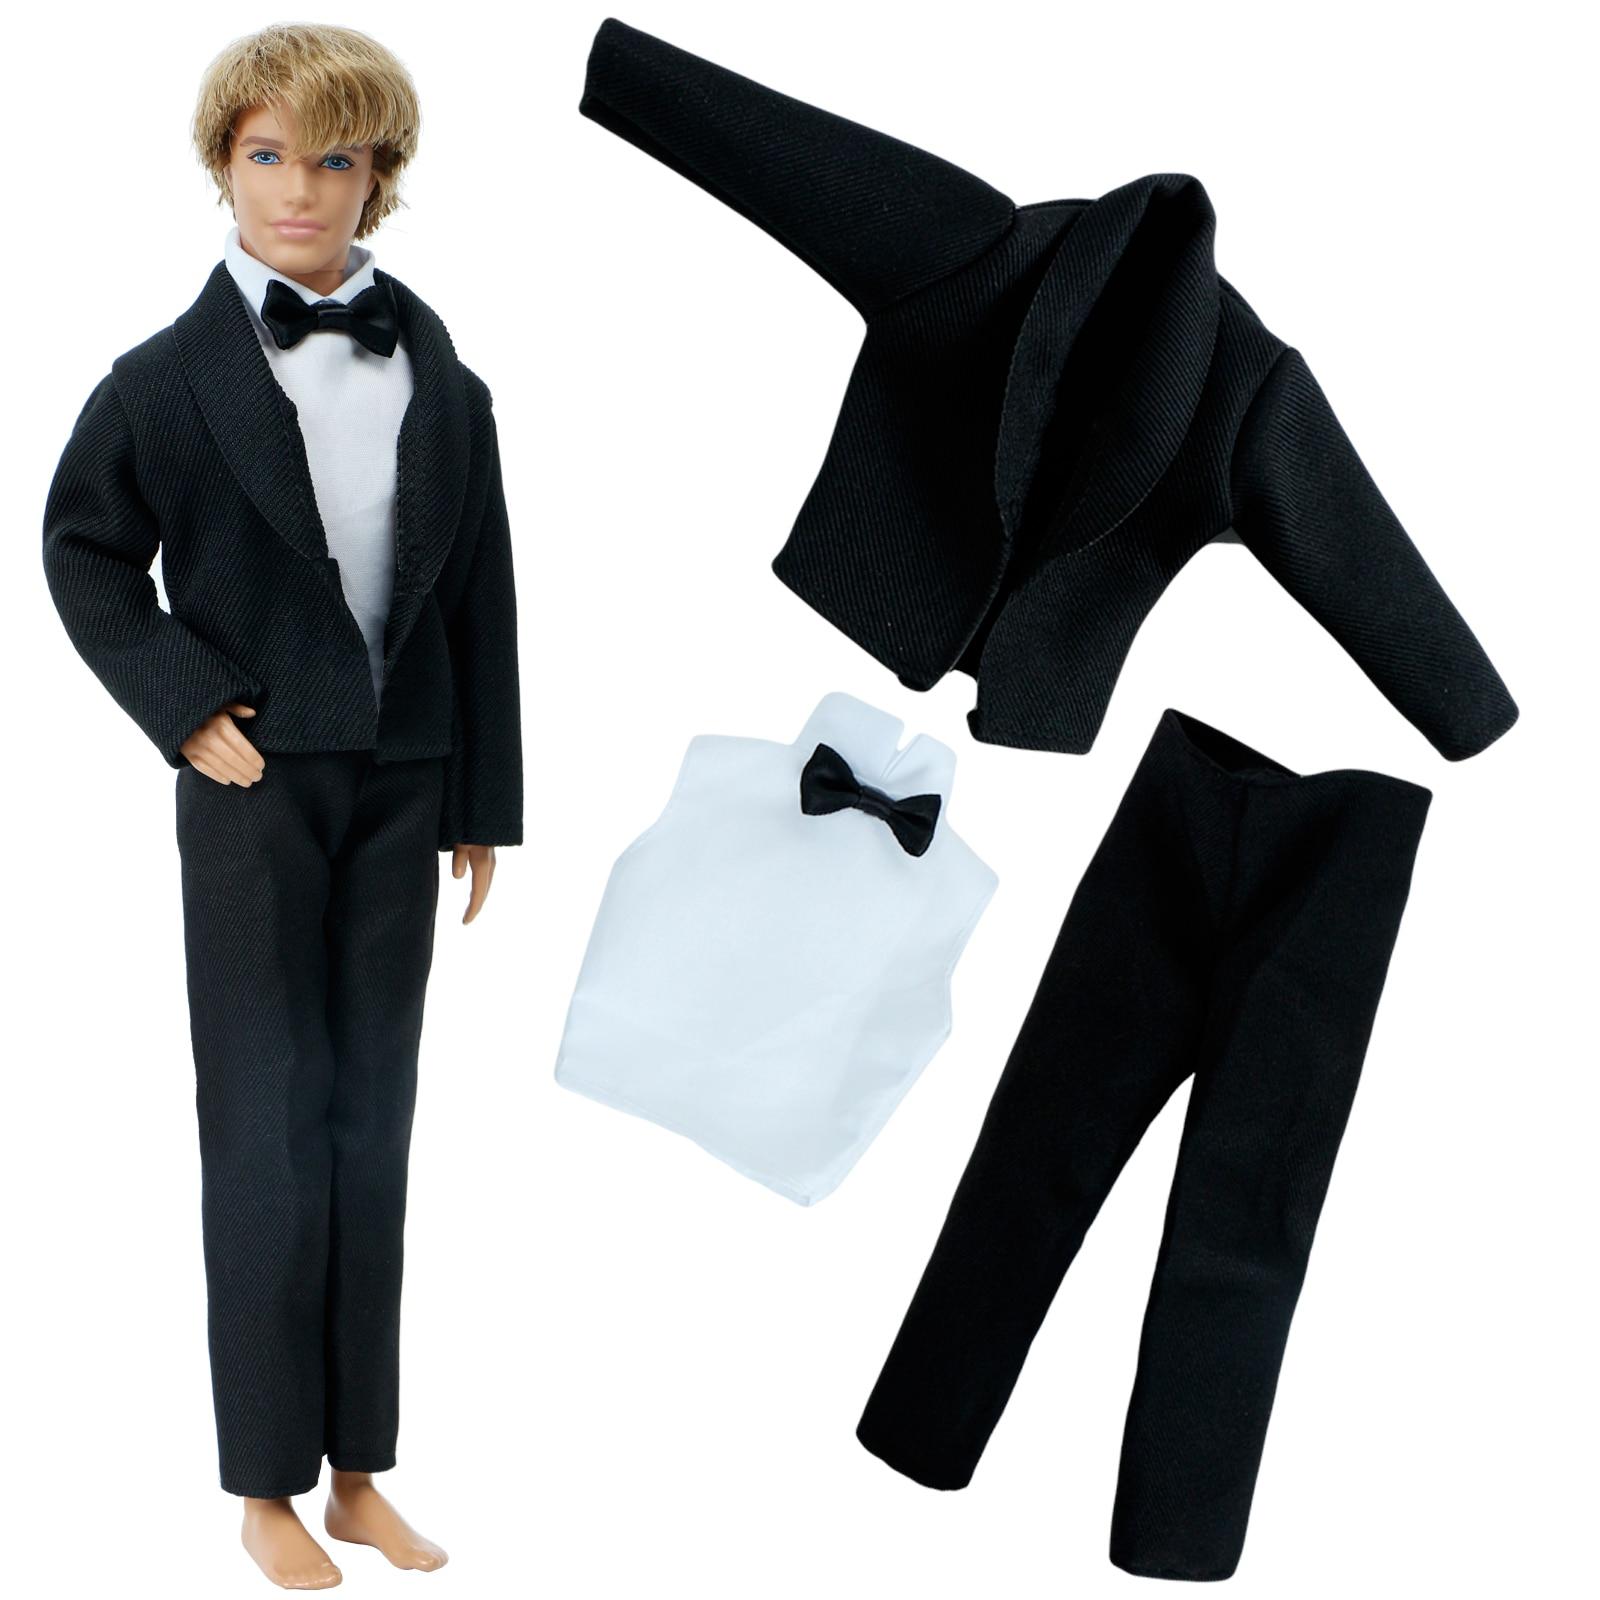 Doll 30cm Ken Male MAN Clothes Suit Jacket Pants Outfits For Ken